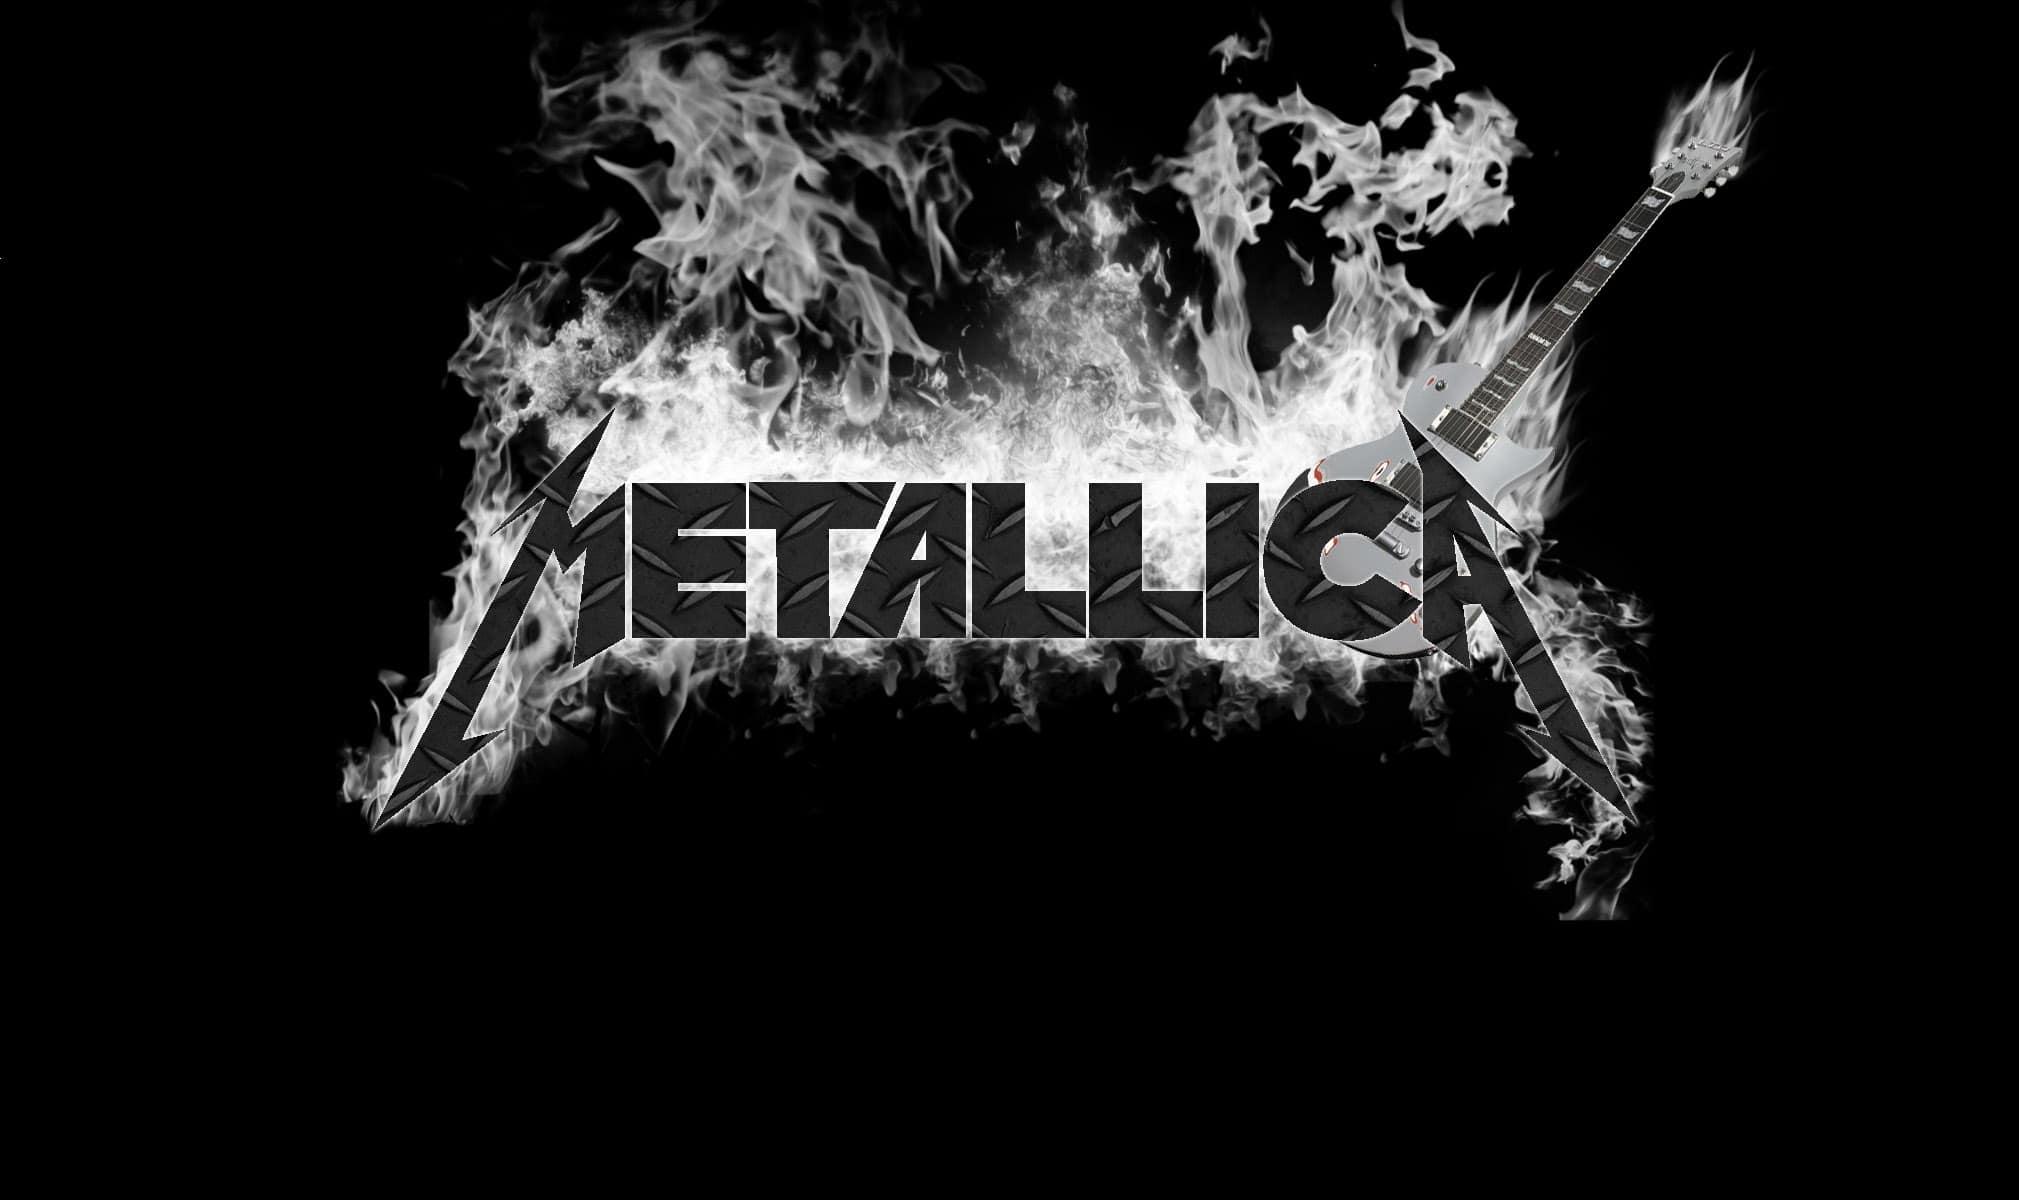 Metallica HD Wallpapers   7wallpapers.net